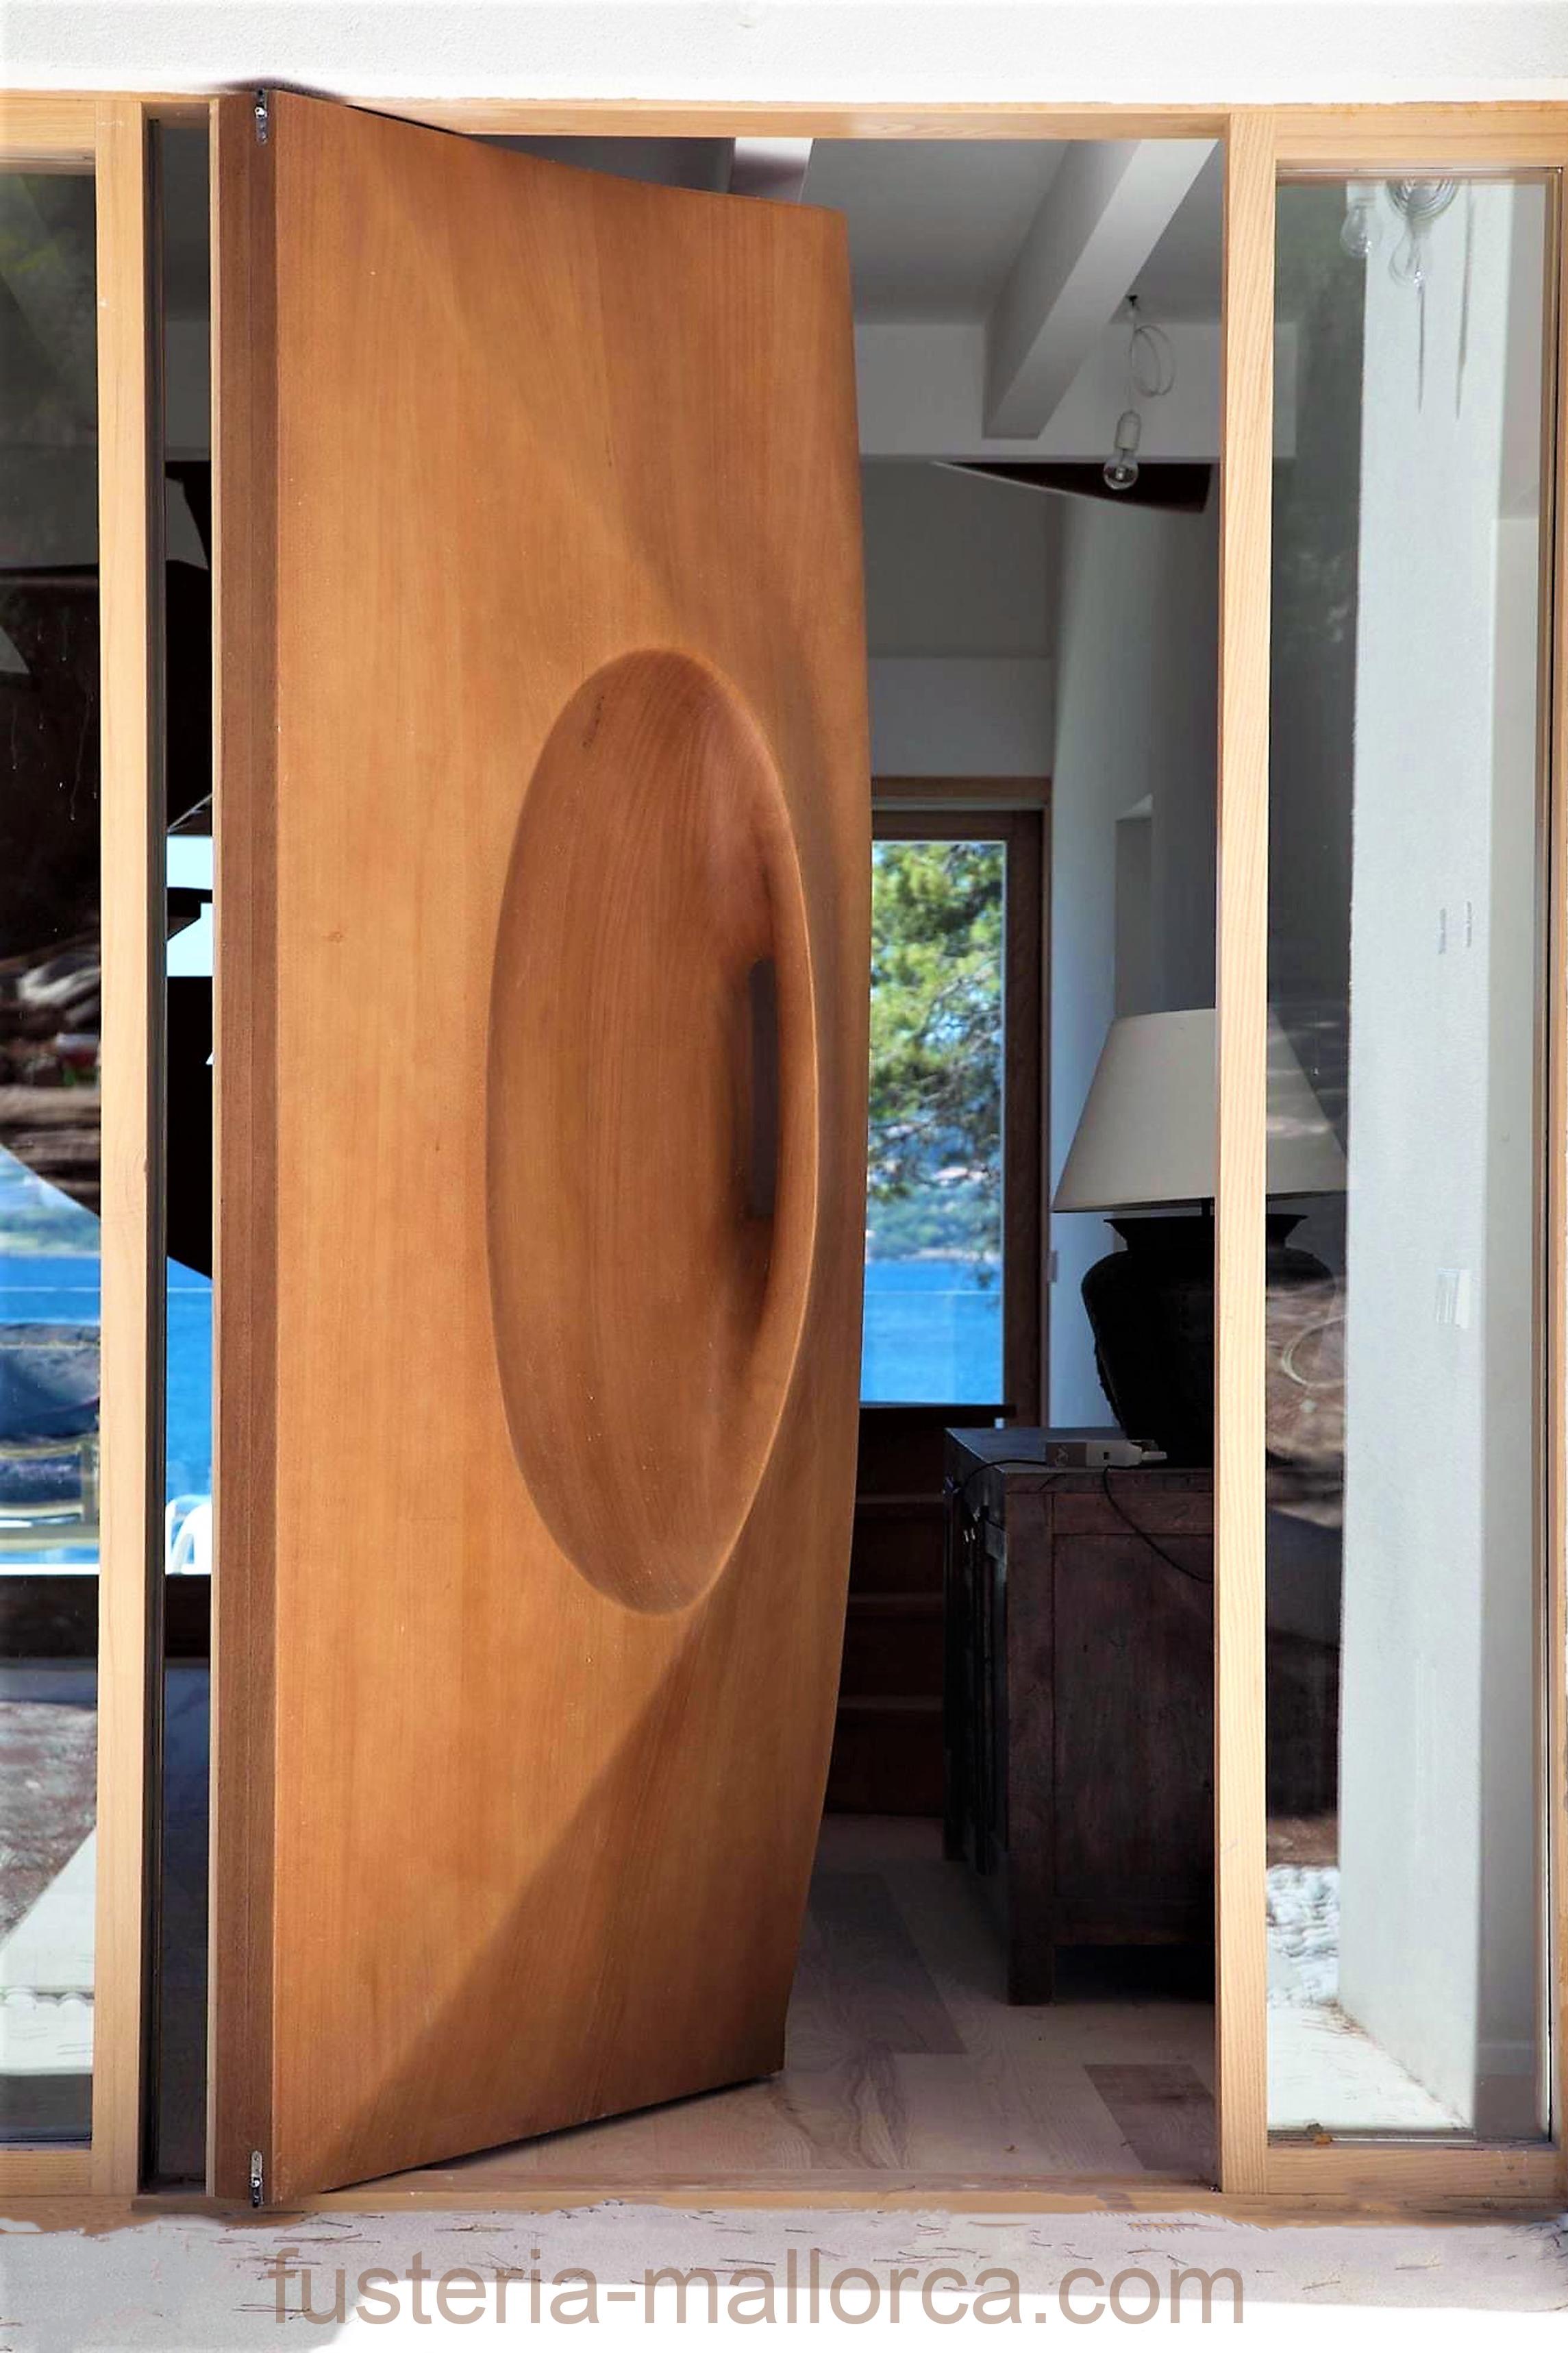 #wood #art #design #holz #kunst #design #madera #arte #pivot #door #entrance #pivottür #eingangstür #entrada #puerta pivot